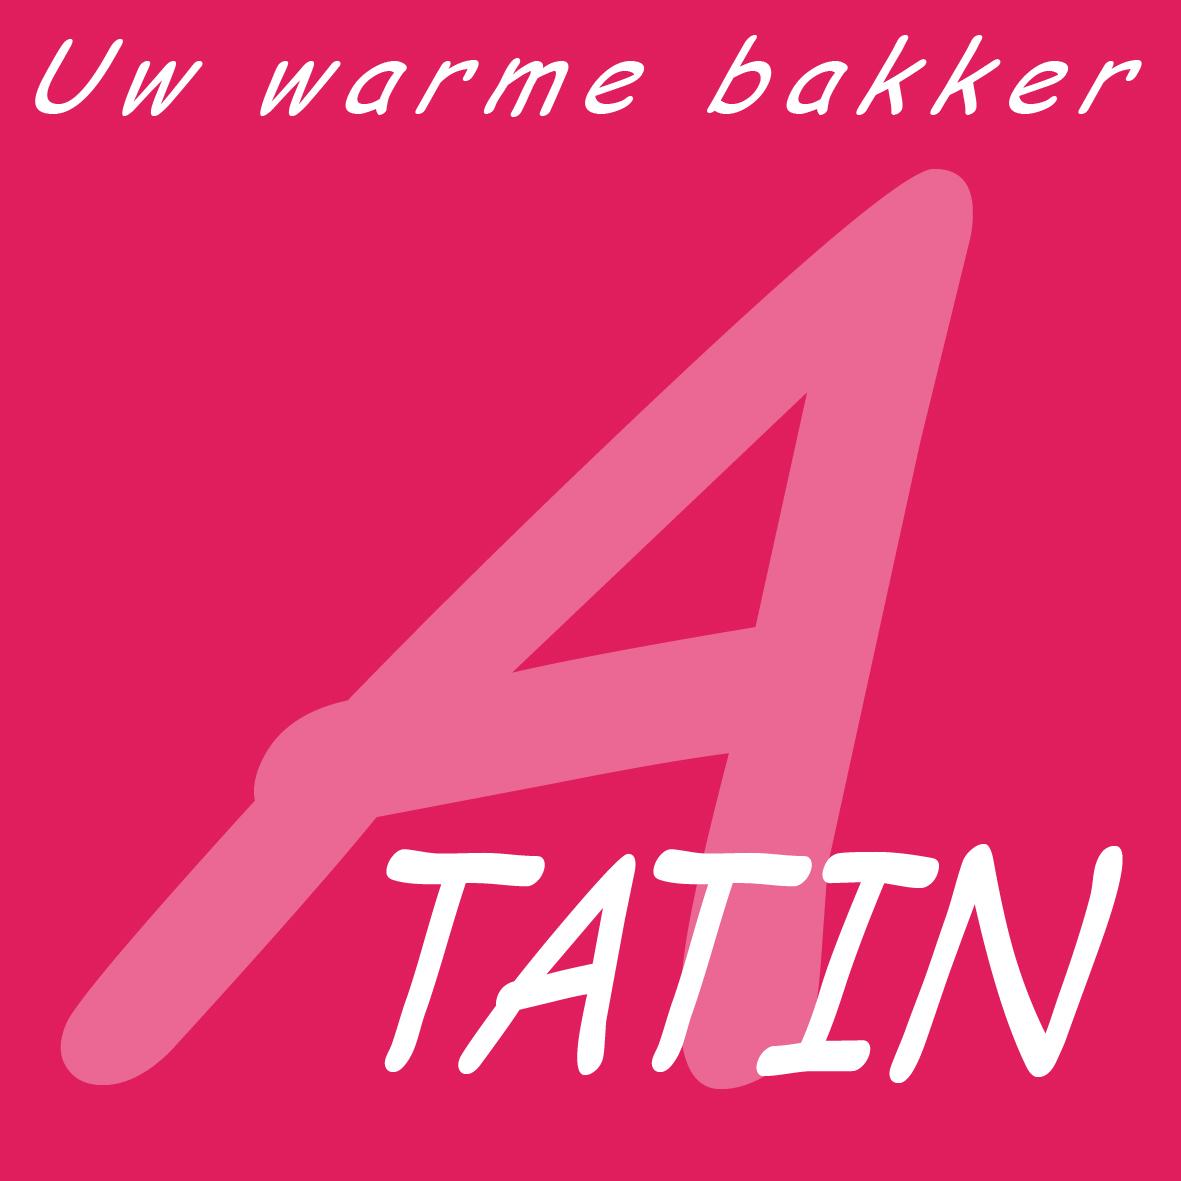 A TATIN